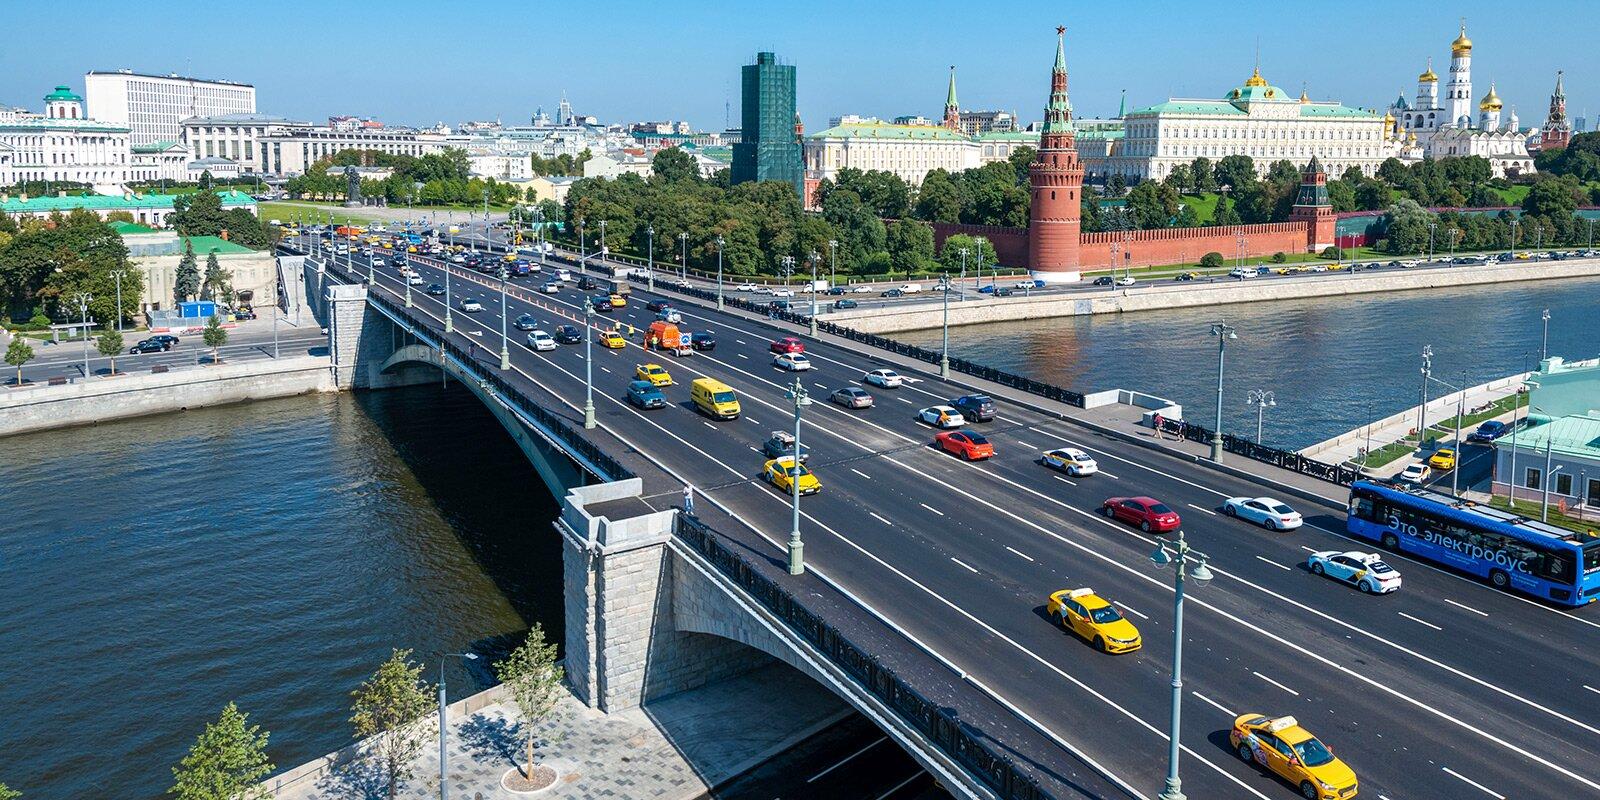 Фото В. Новикова. Пресс-служба Мэра и Правительства Москвы